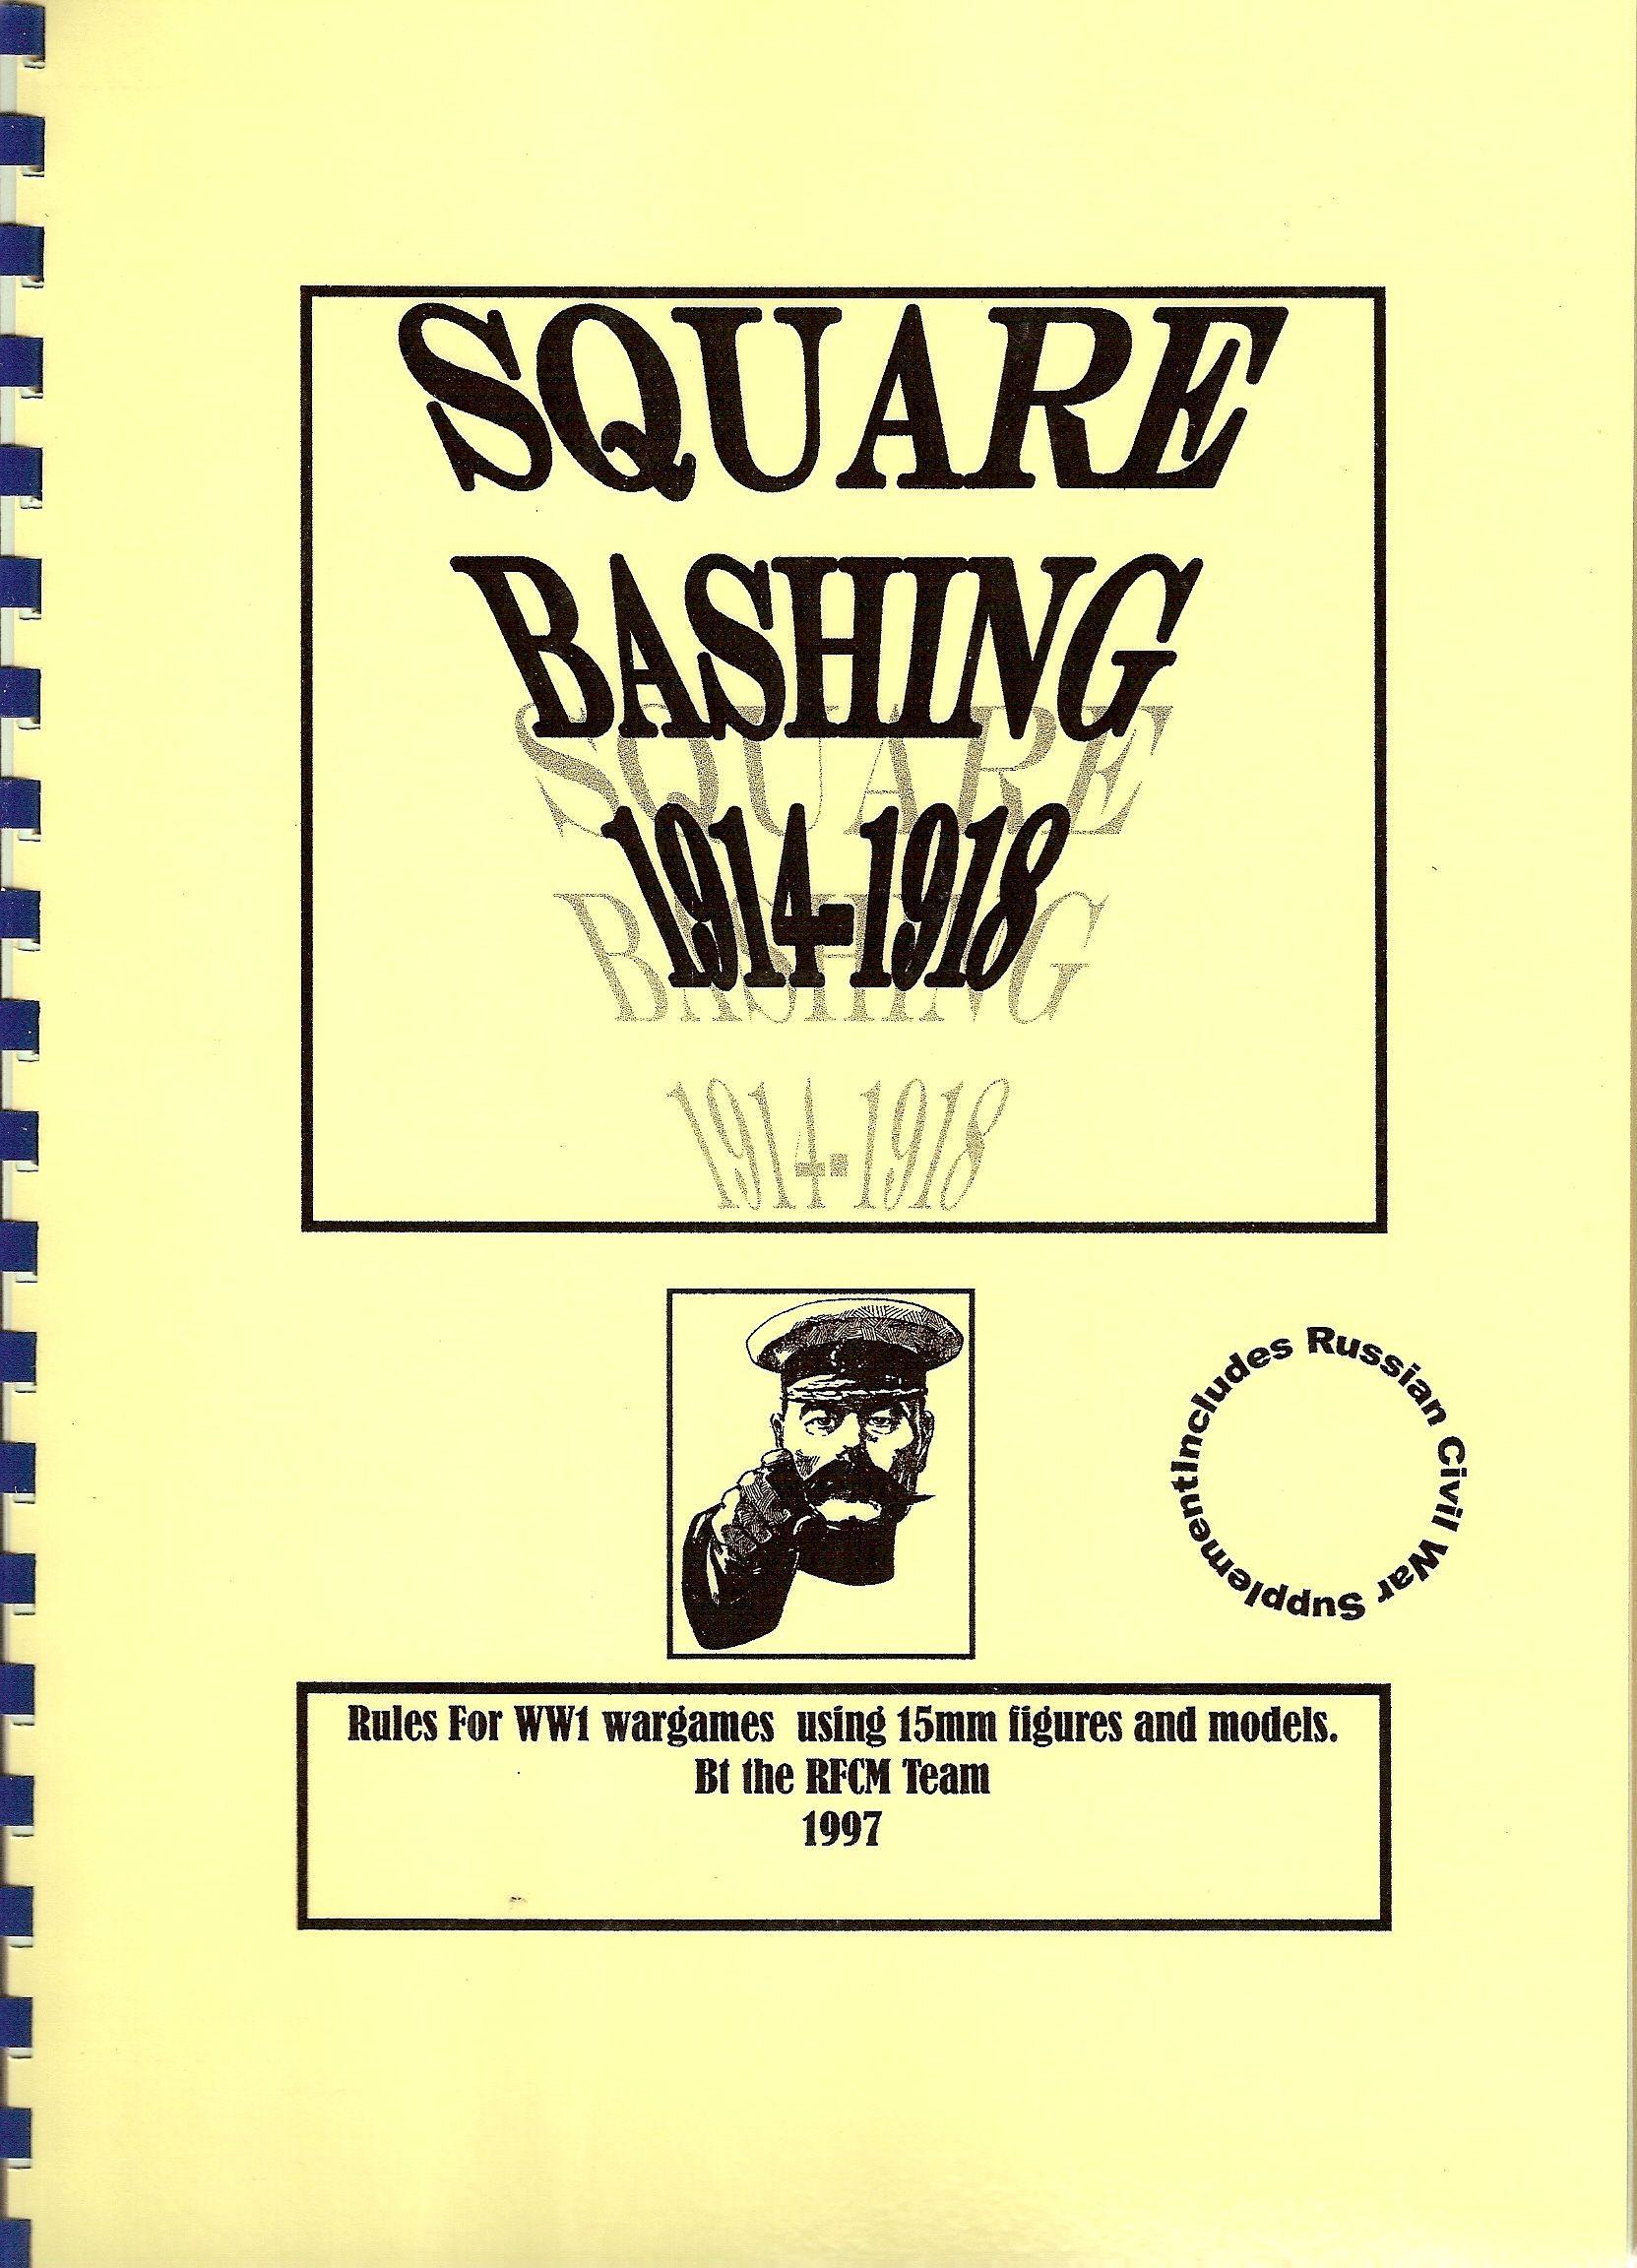 Square Bashing 1914-1918